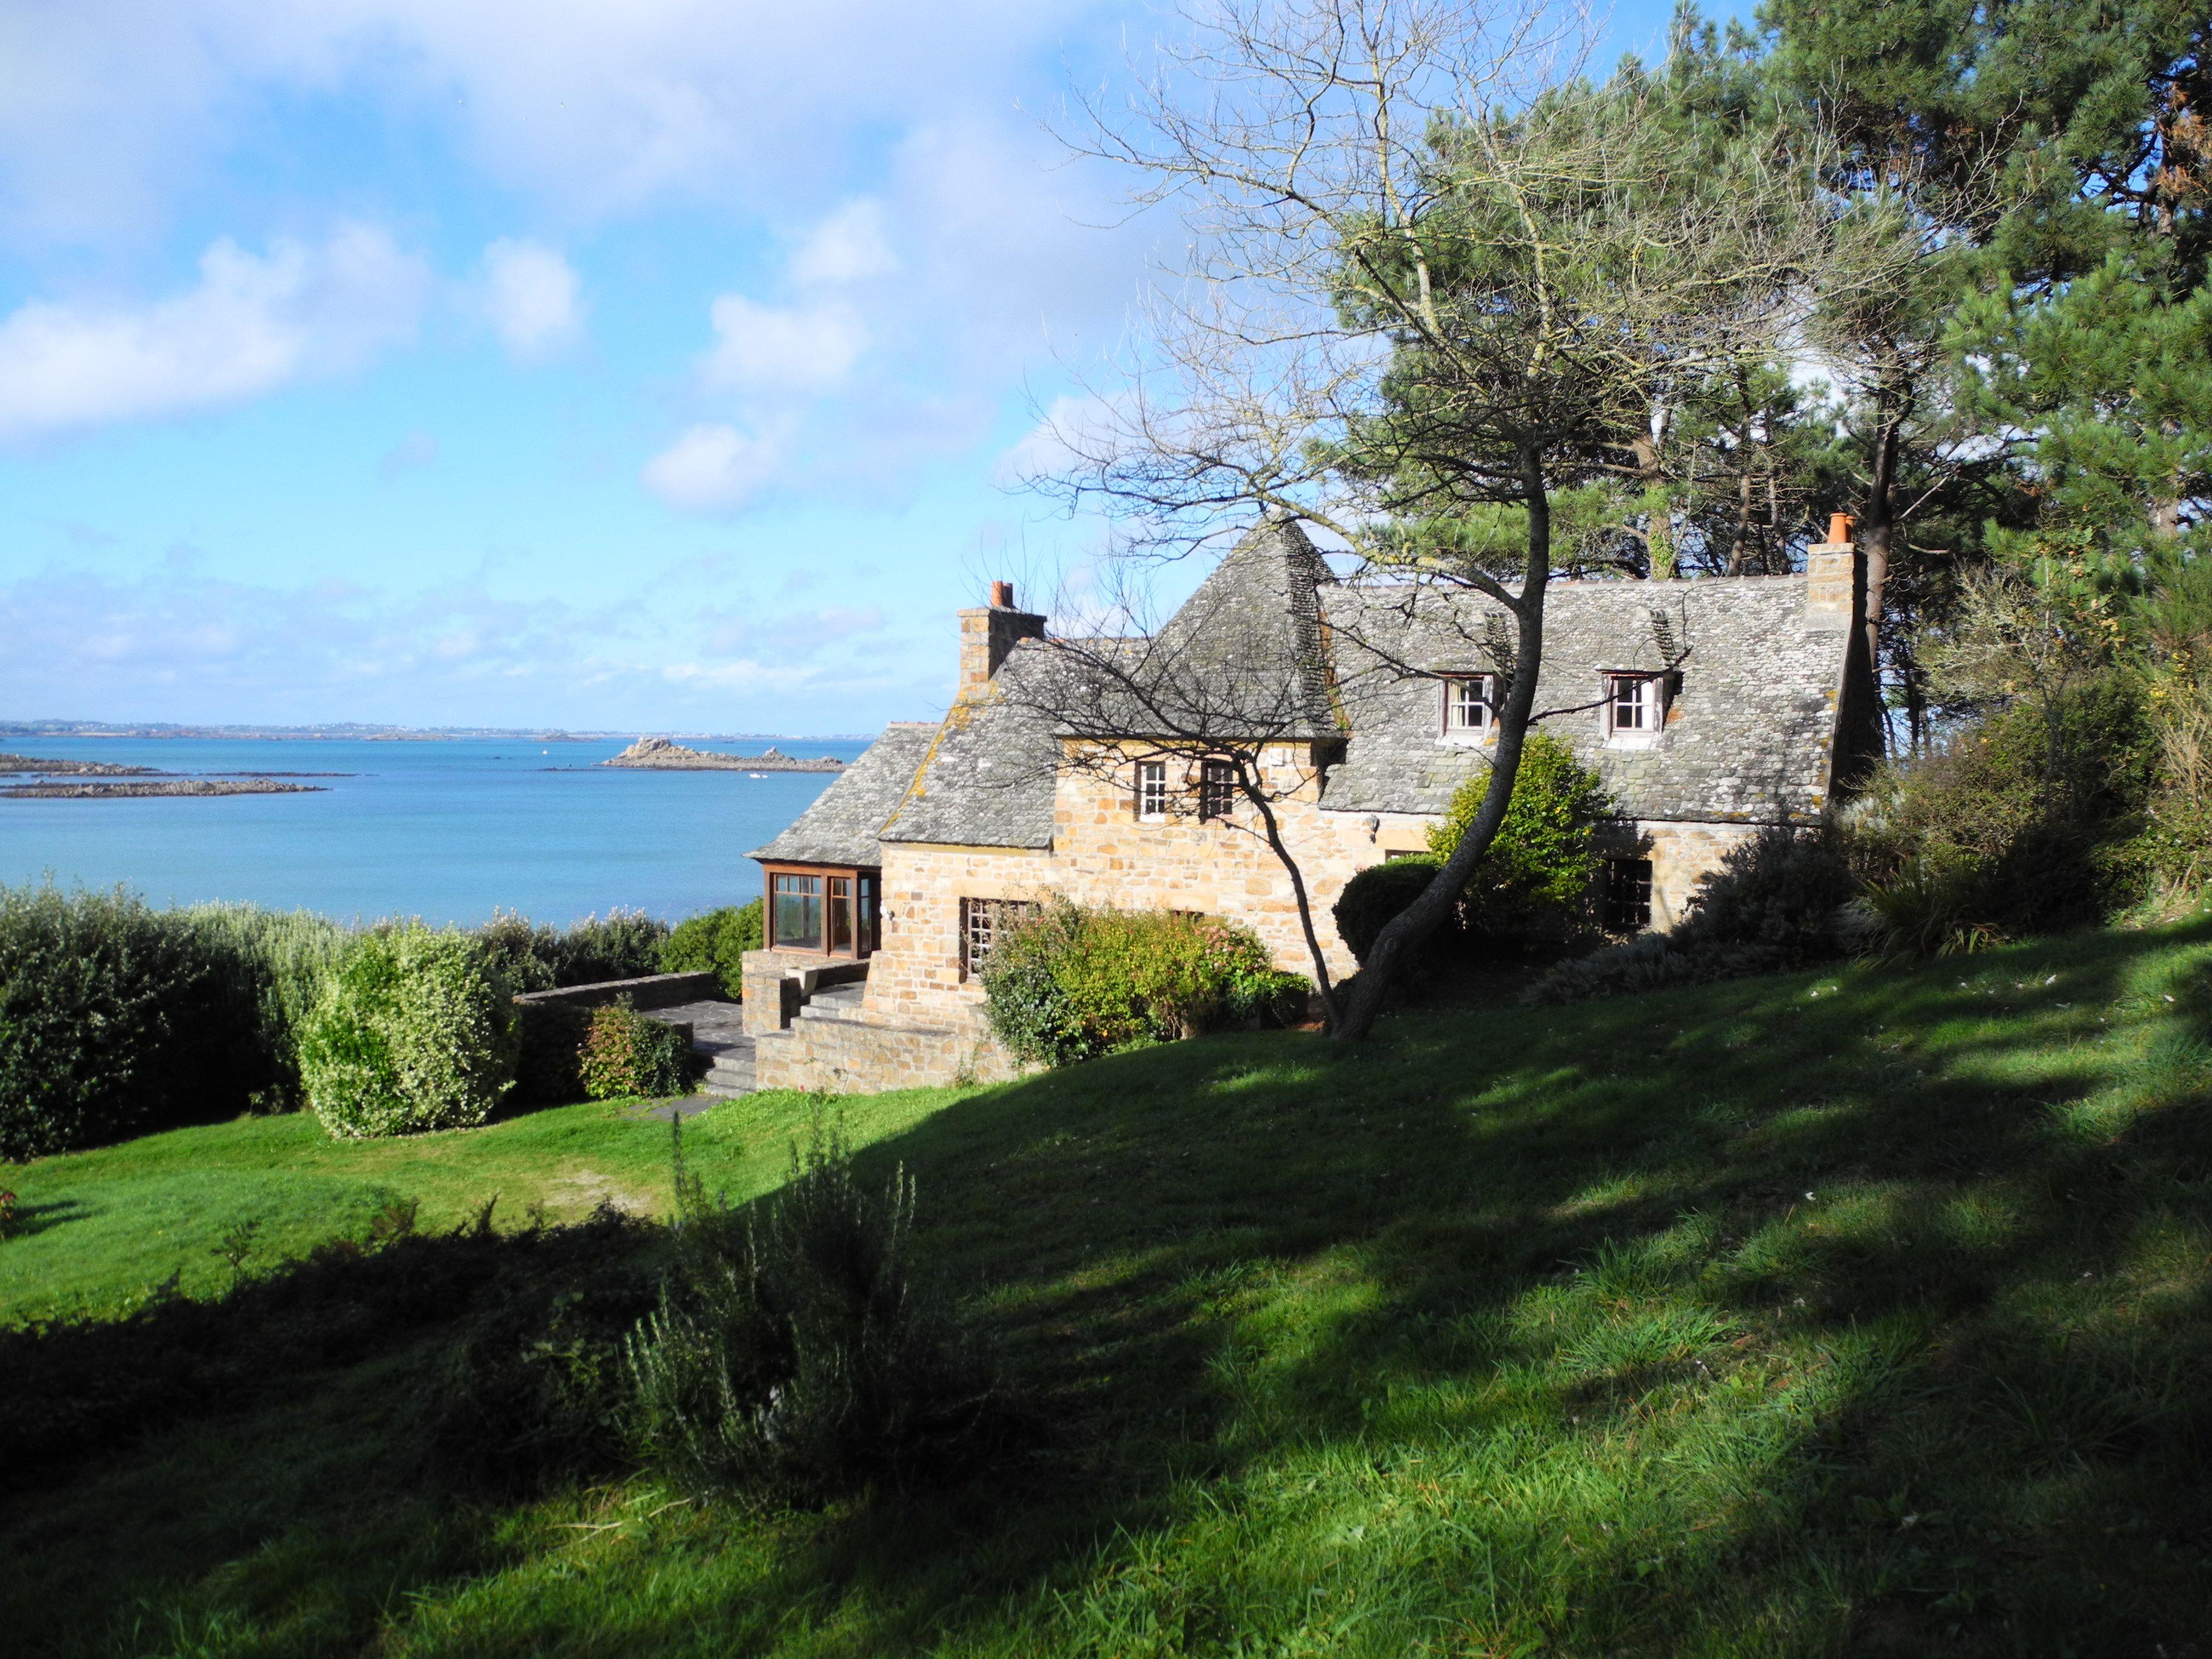 Vente Maison Les Pieds Dans L Eau Baie De Morlaix Immobilier Bretagne Vente Maison Morlaix